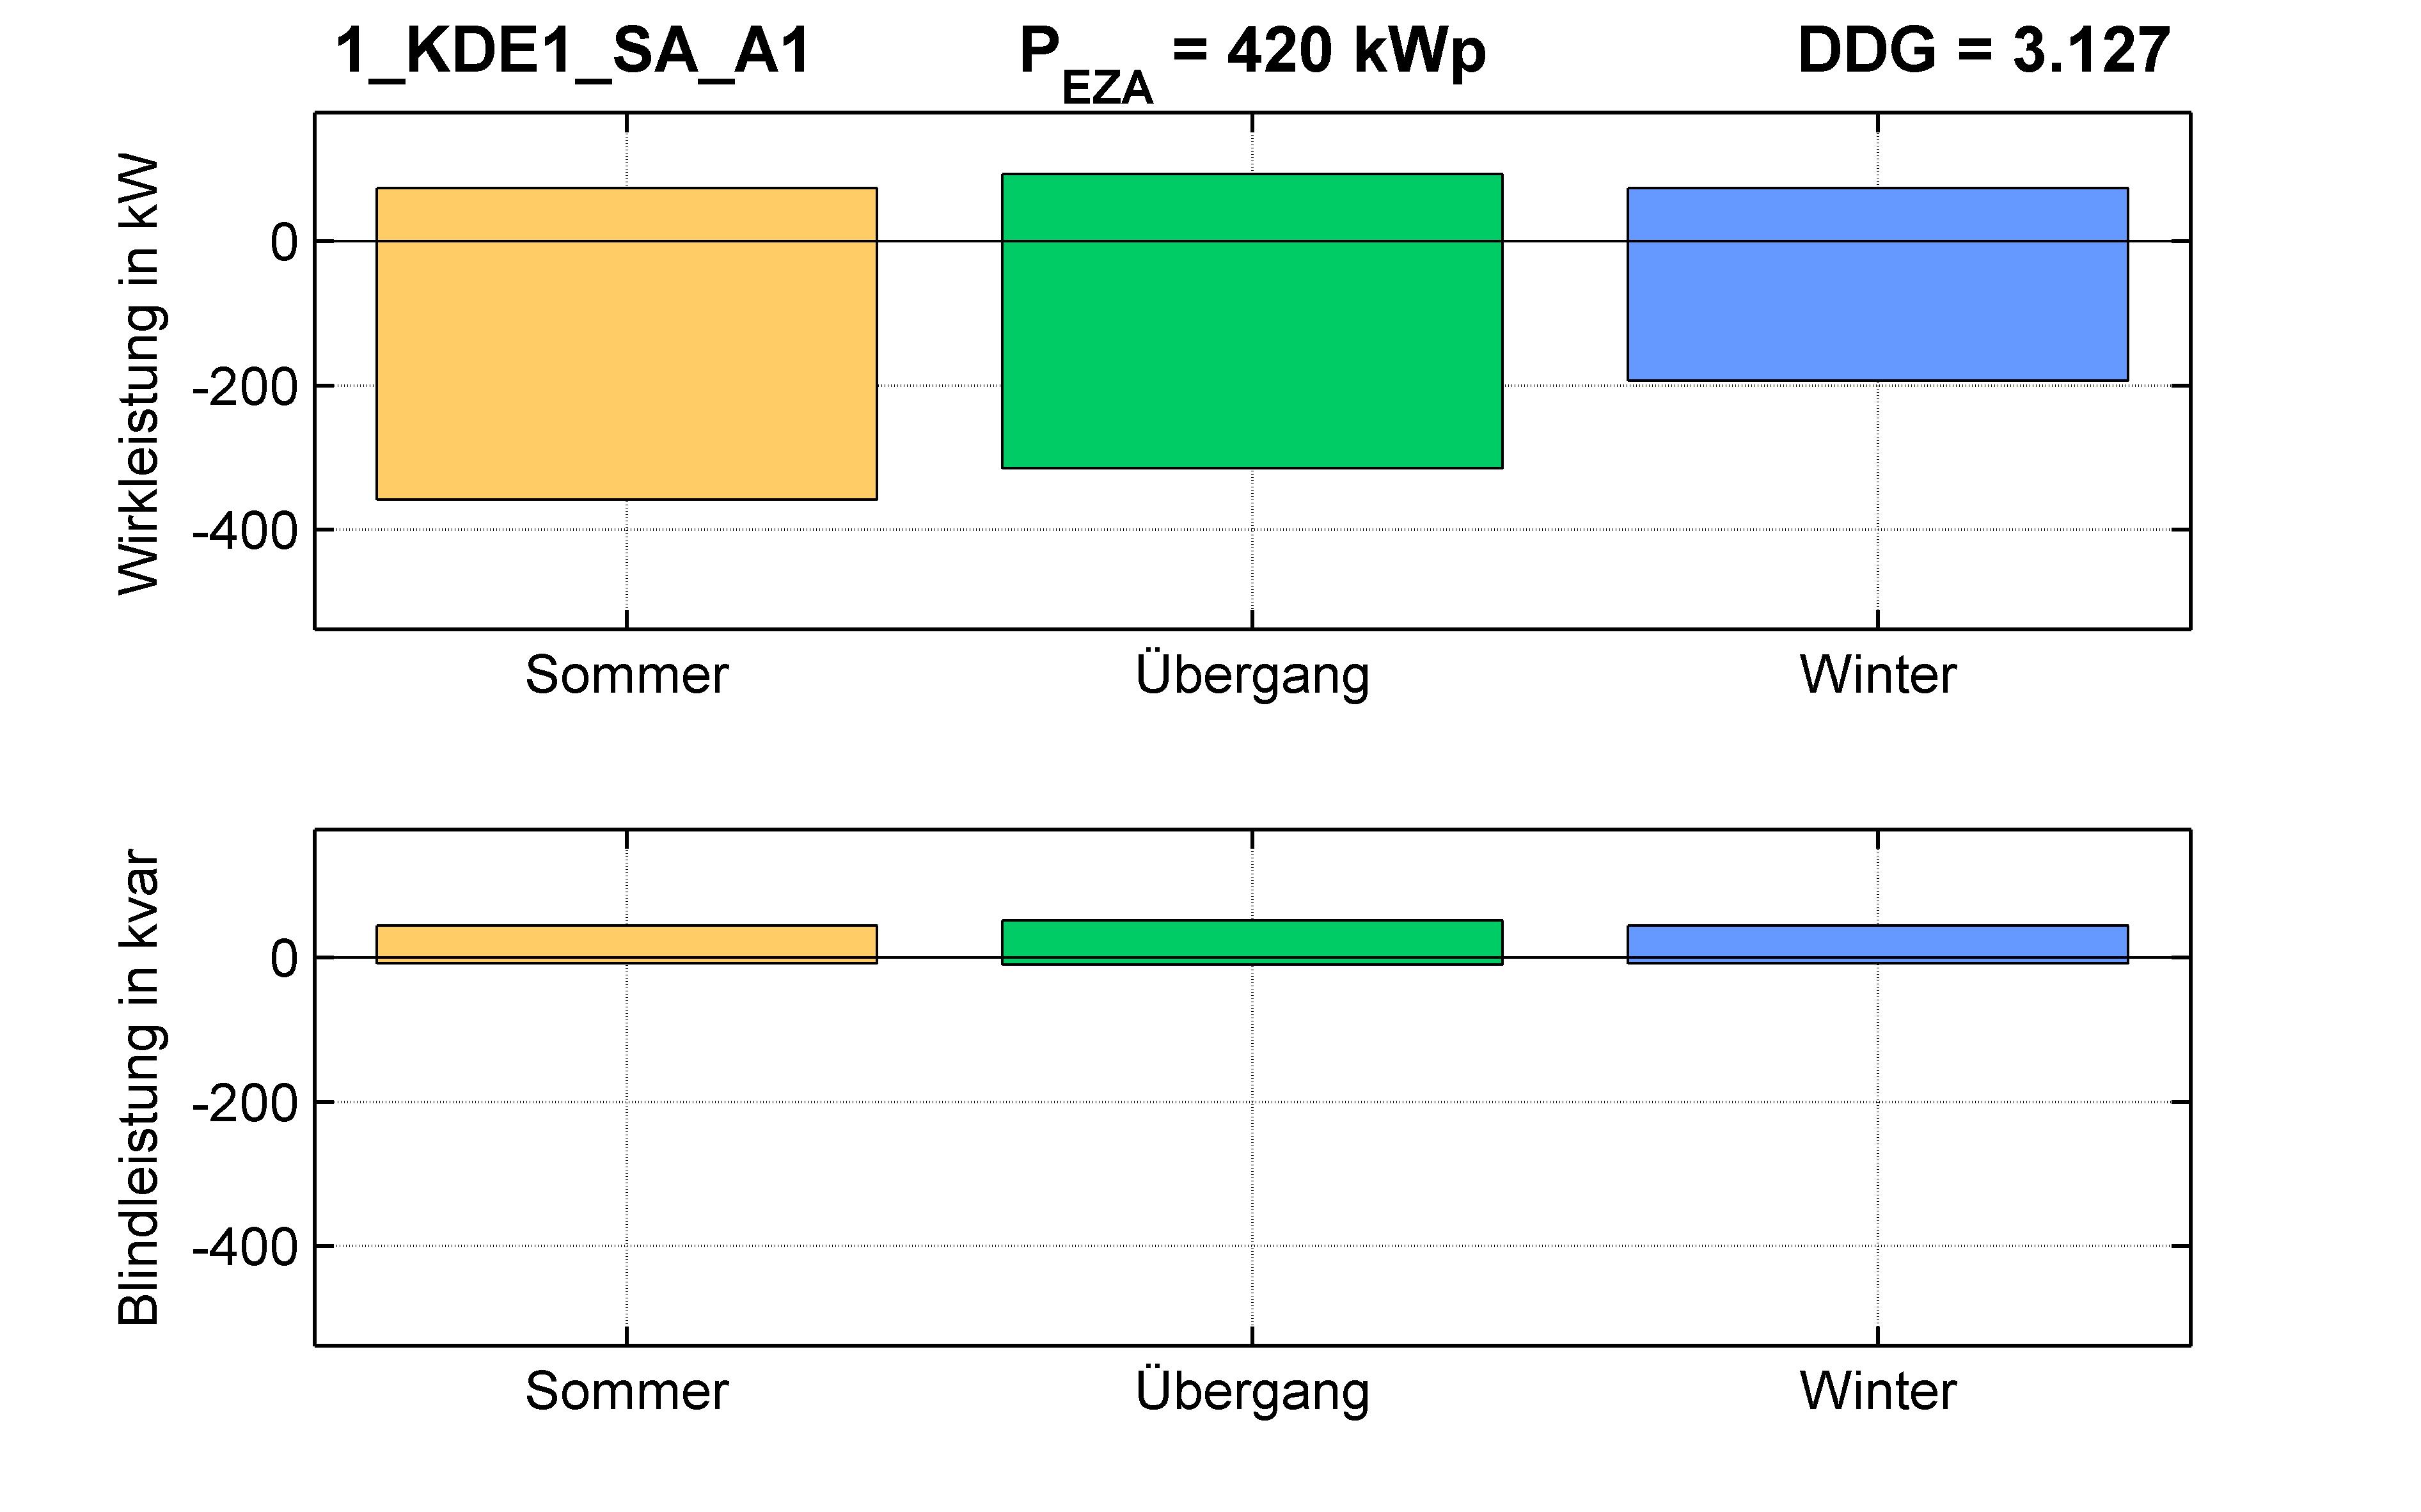 KDE1 | KABEL (SA) A1 | PQ-Bilanz